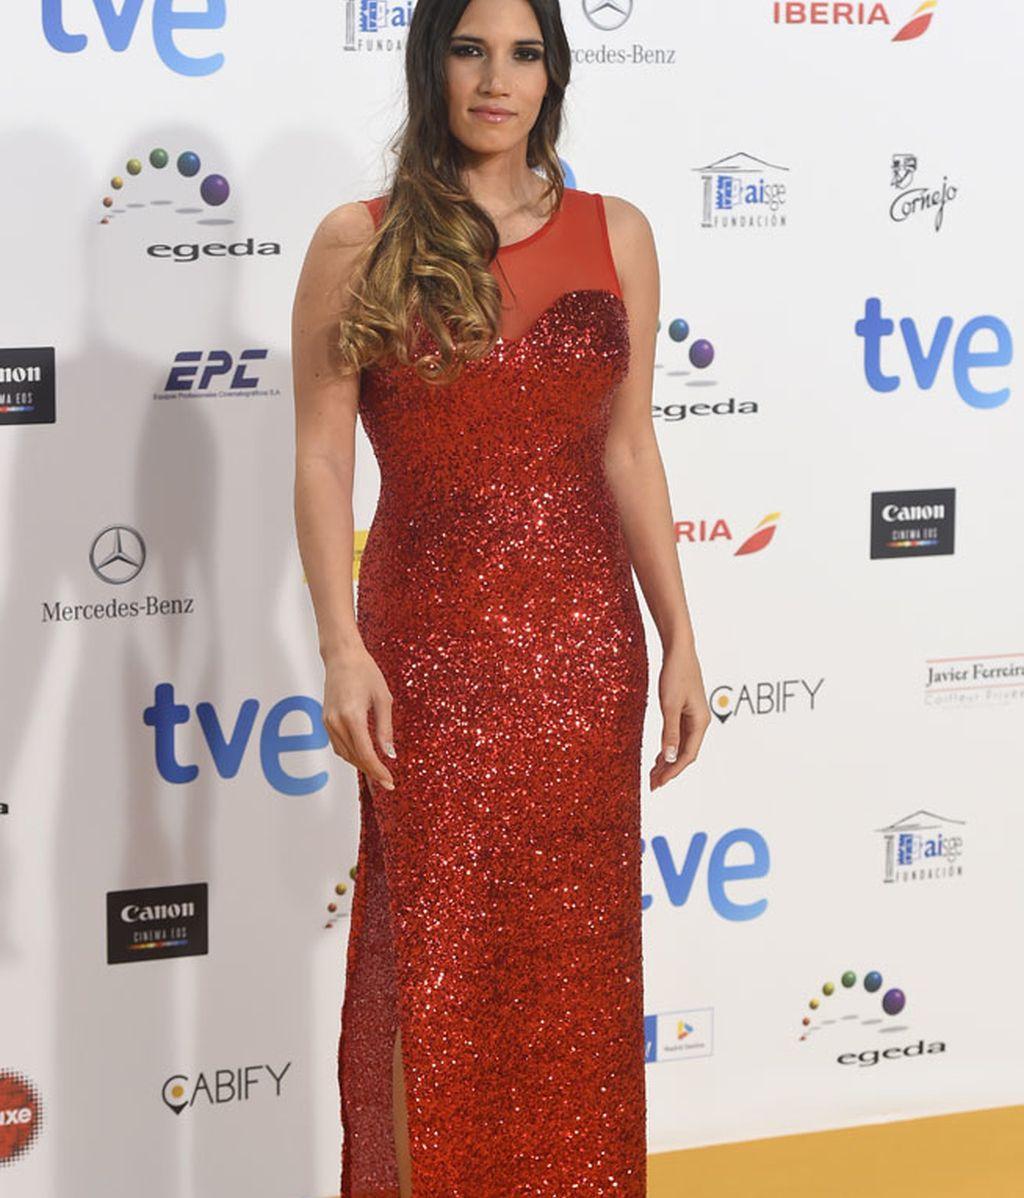 La cantante India Martínez con vestido rojo y gran abertura en la pierna